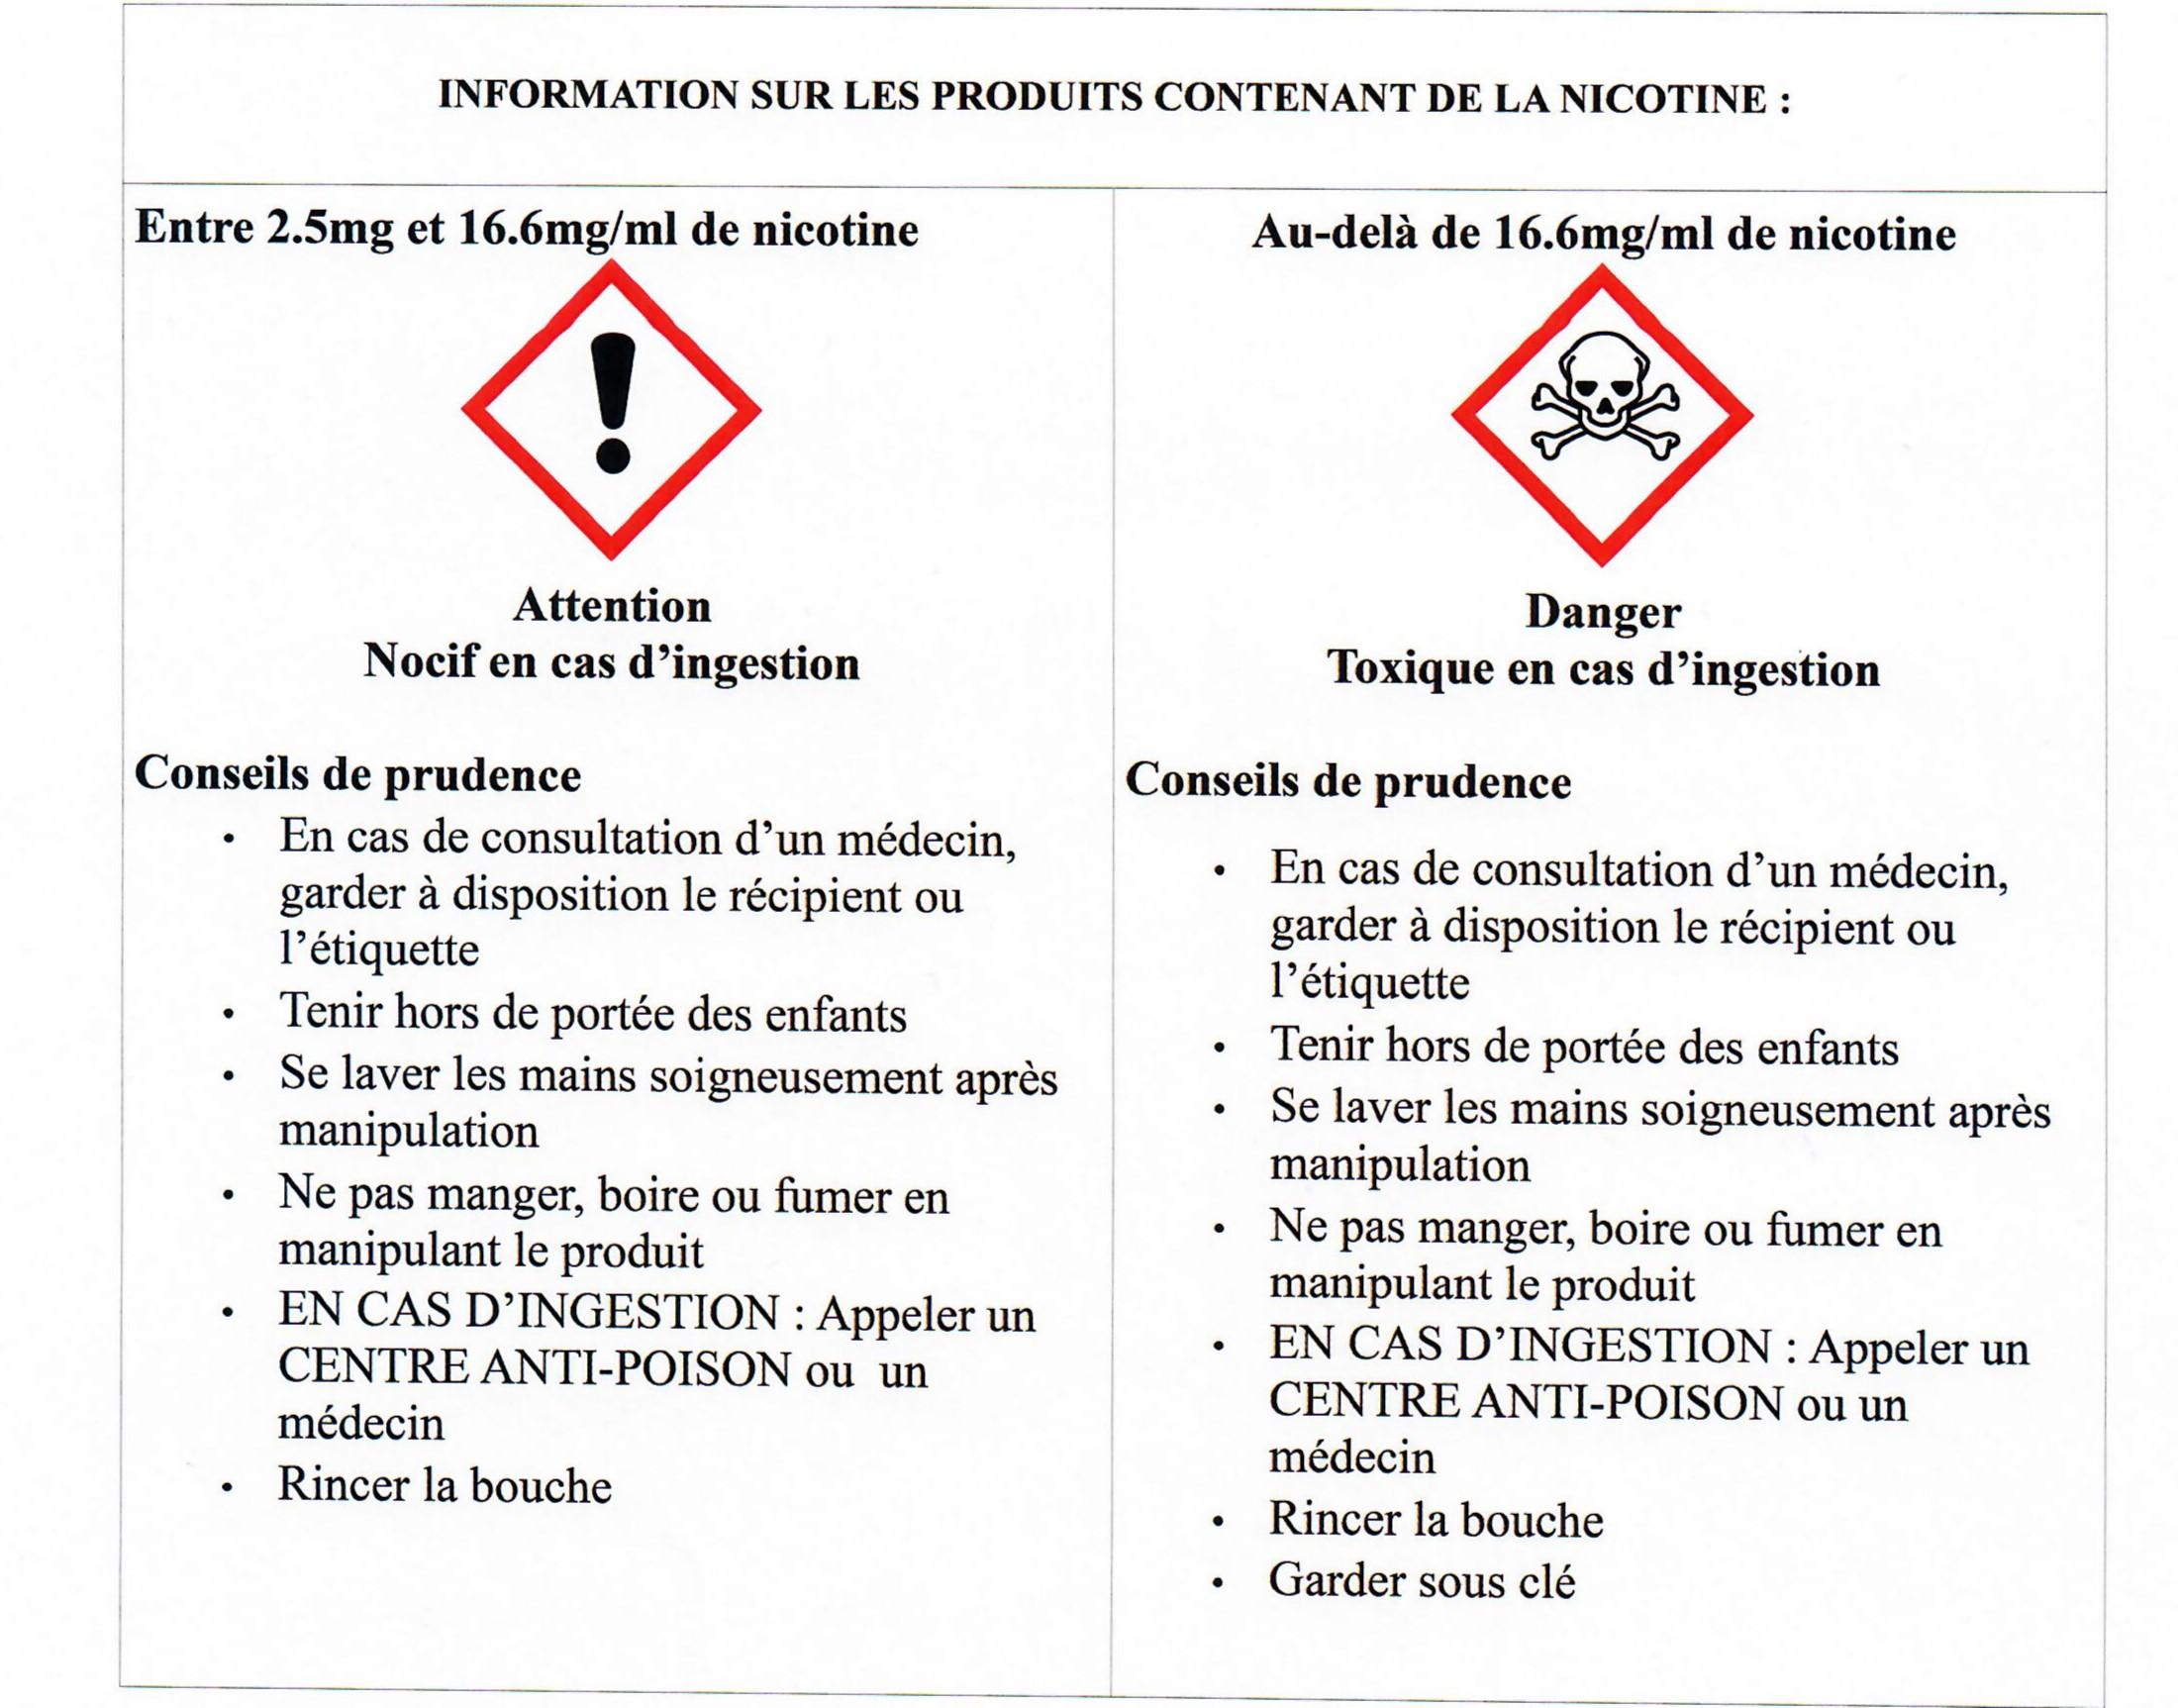 Info légale sur les e-liquides nicotinés